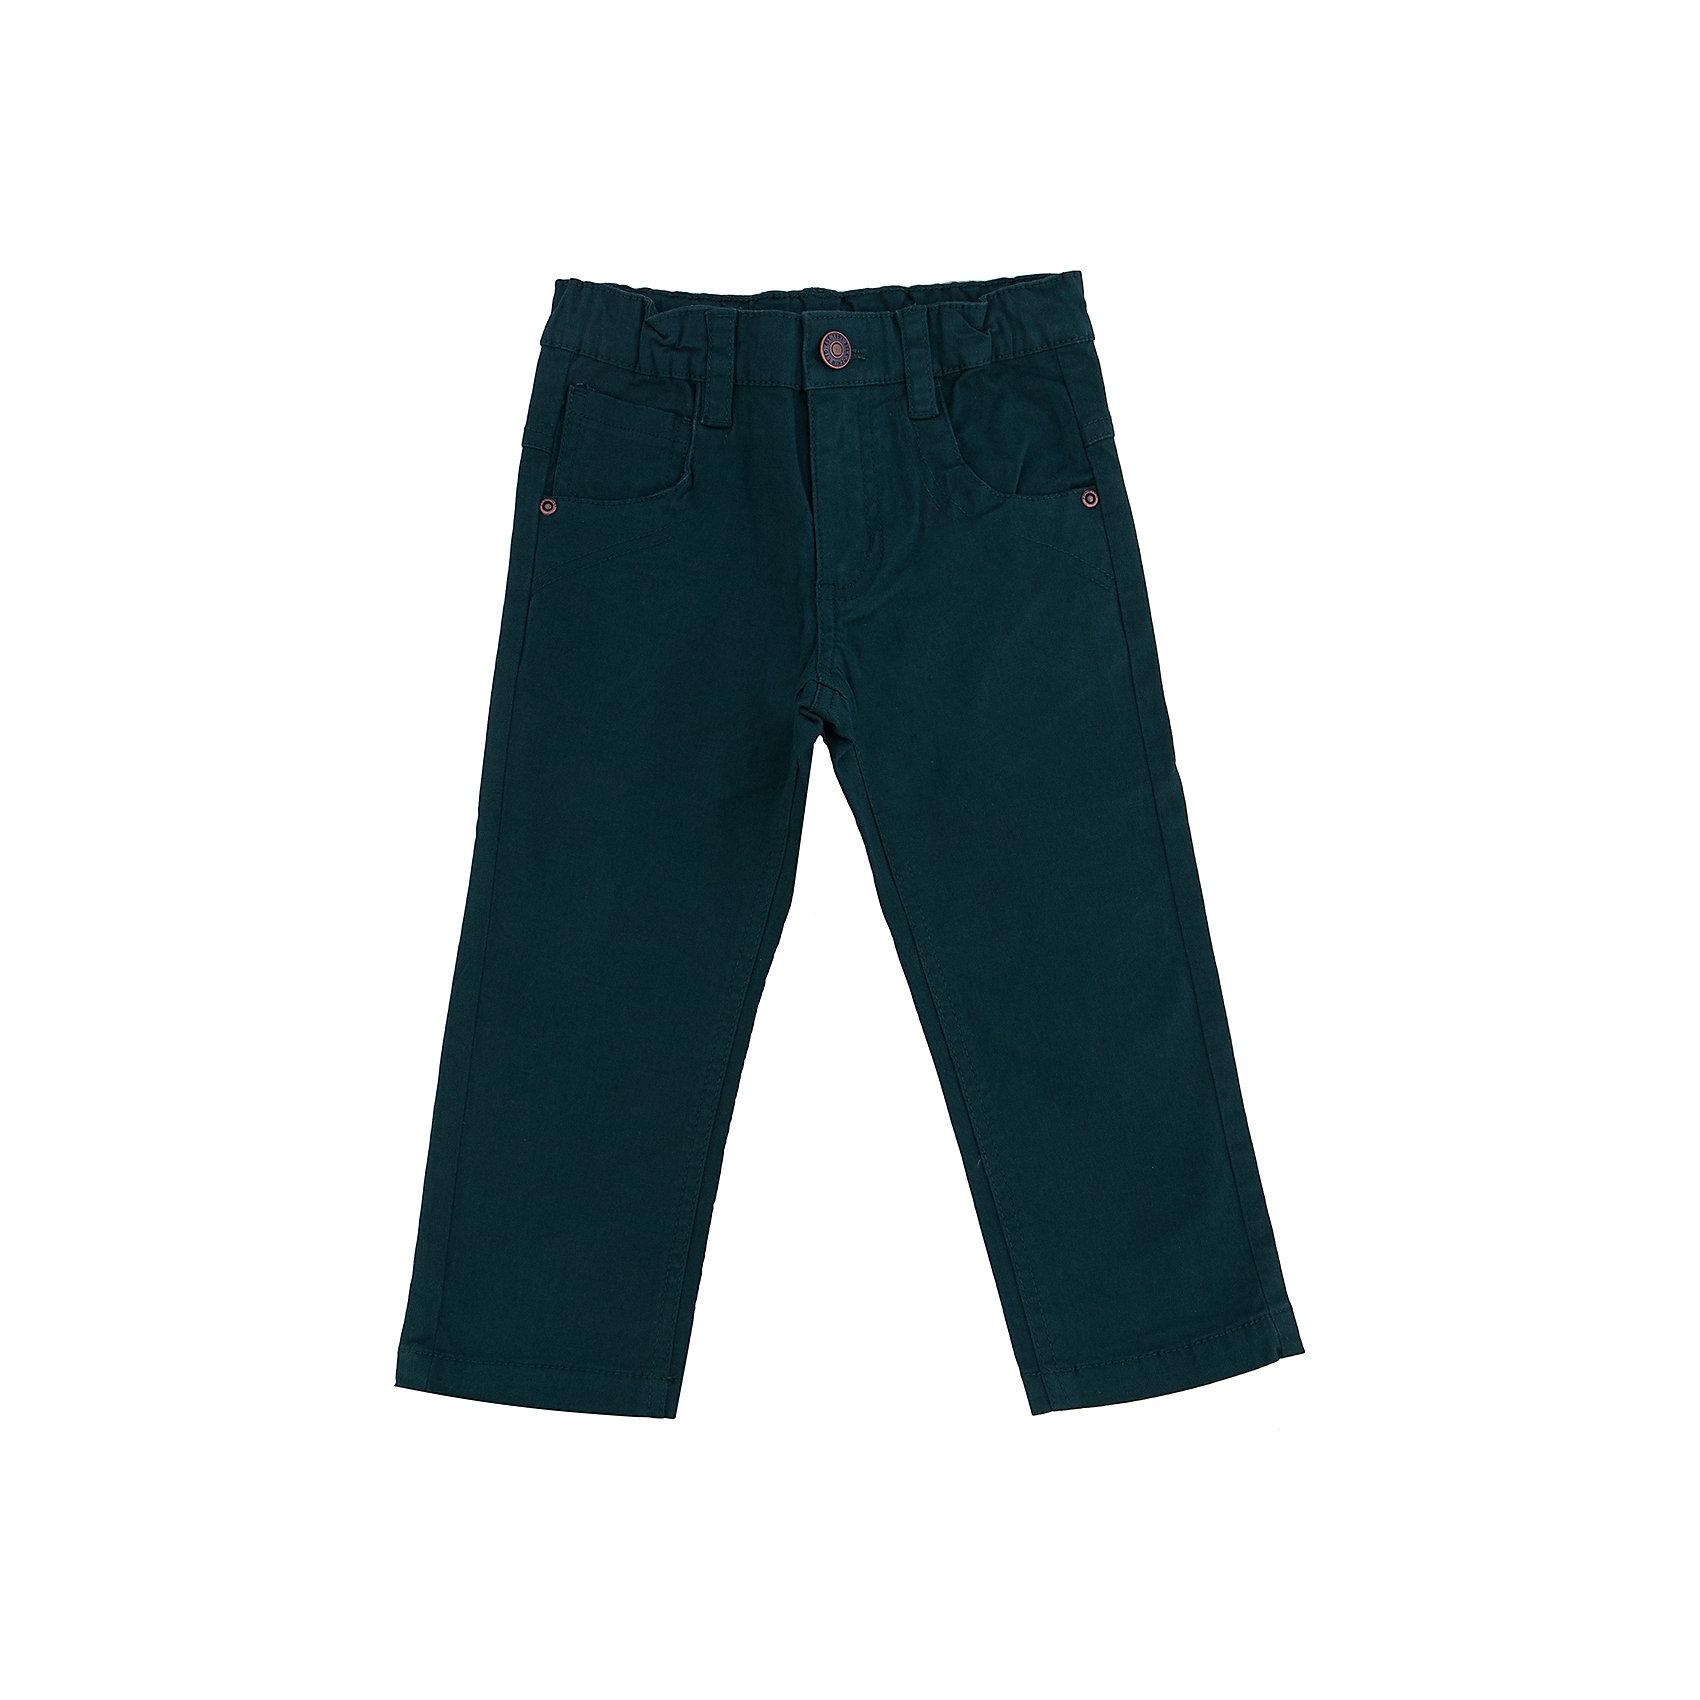 Брюки для мальчика SELAБрюки<br>Универсальные брюки - незаменимая вещь в детском гардеробе. Эта модель отлично сидит на ребенке, она сшита из плотного материала, натуральный хлопок не вызывает аллергии и обеспечивает ребенку комфорт. Модель станет отличной базовой вещью, которая будет уместна в различных сочетаниях.<br>Одежда от бренда Sela (Села) - это качество по приемлемым ценам. Многие российские родители уже оценили преимущества продукции этой компании и всё чаще приобретают одежду и аксессуары Sela.<br><br>Дополнительная информация:<br><br>прямой силуэт;<br>материал: 98% хлопок, 2% эластан;<br>плотный материал.<br><br>Брюки для мальчика от бренда Sela можно купить в нашем интернет-магазине.<br><br>Ширина мм: 215<br>Глубина мм: 88<br>Высота мм: 191<br>Вес г: 336<br>Цвет: зеленый<br>Возраст от месяцев: 60<br>Возраст до месяцев: 72<br>Пол: Мужской<br>Возраст: Детский<br>Размер: 116,92,98,104,110<br>SKU: 4883572